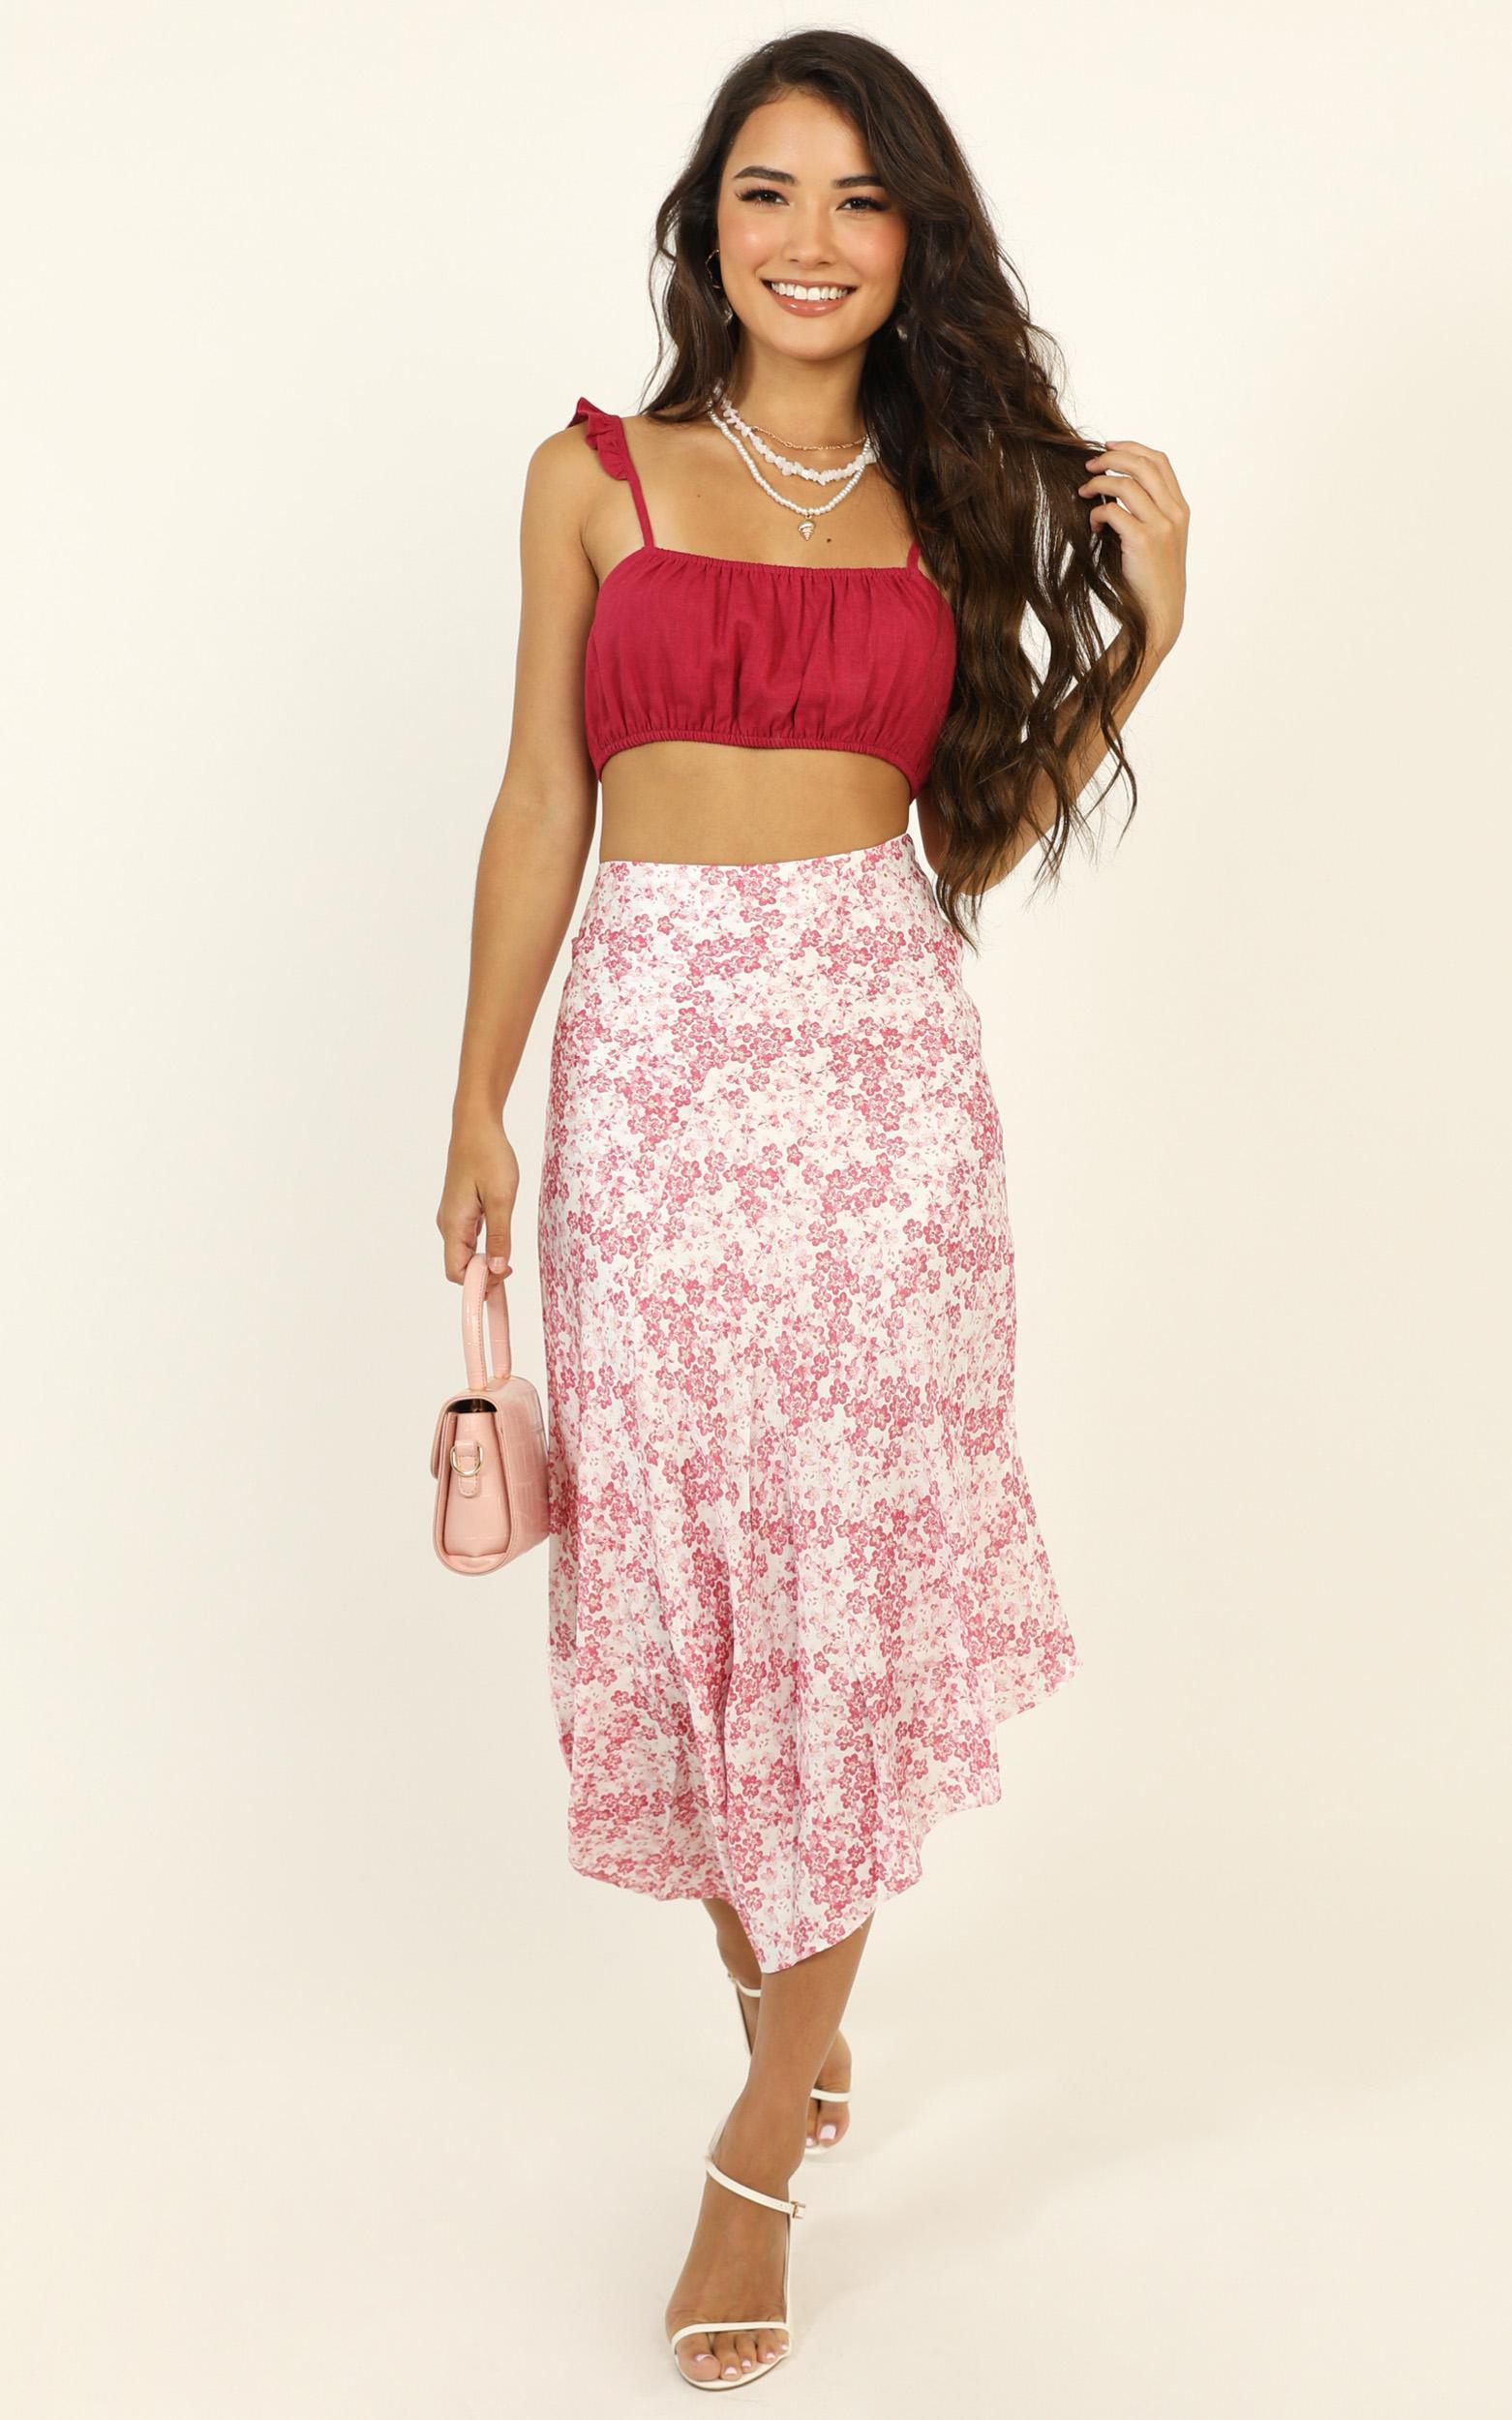 Minor Details skirt in pink floral satin - 14 (XL), Pink, hi-res image number null